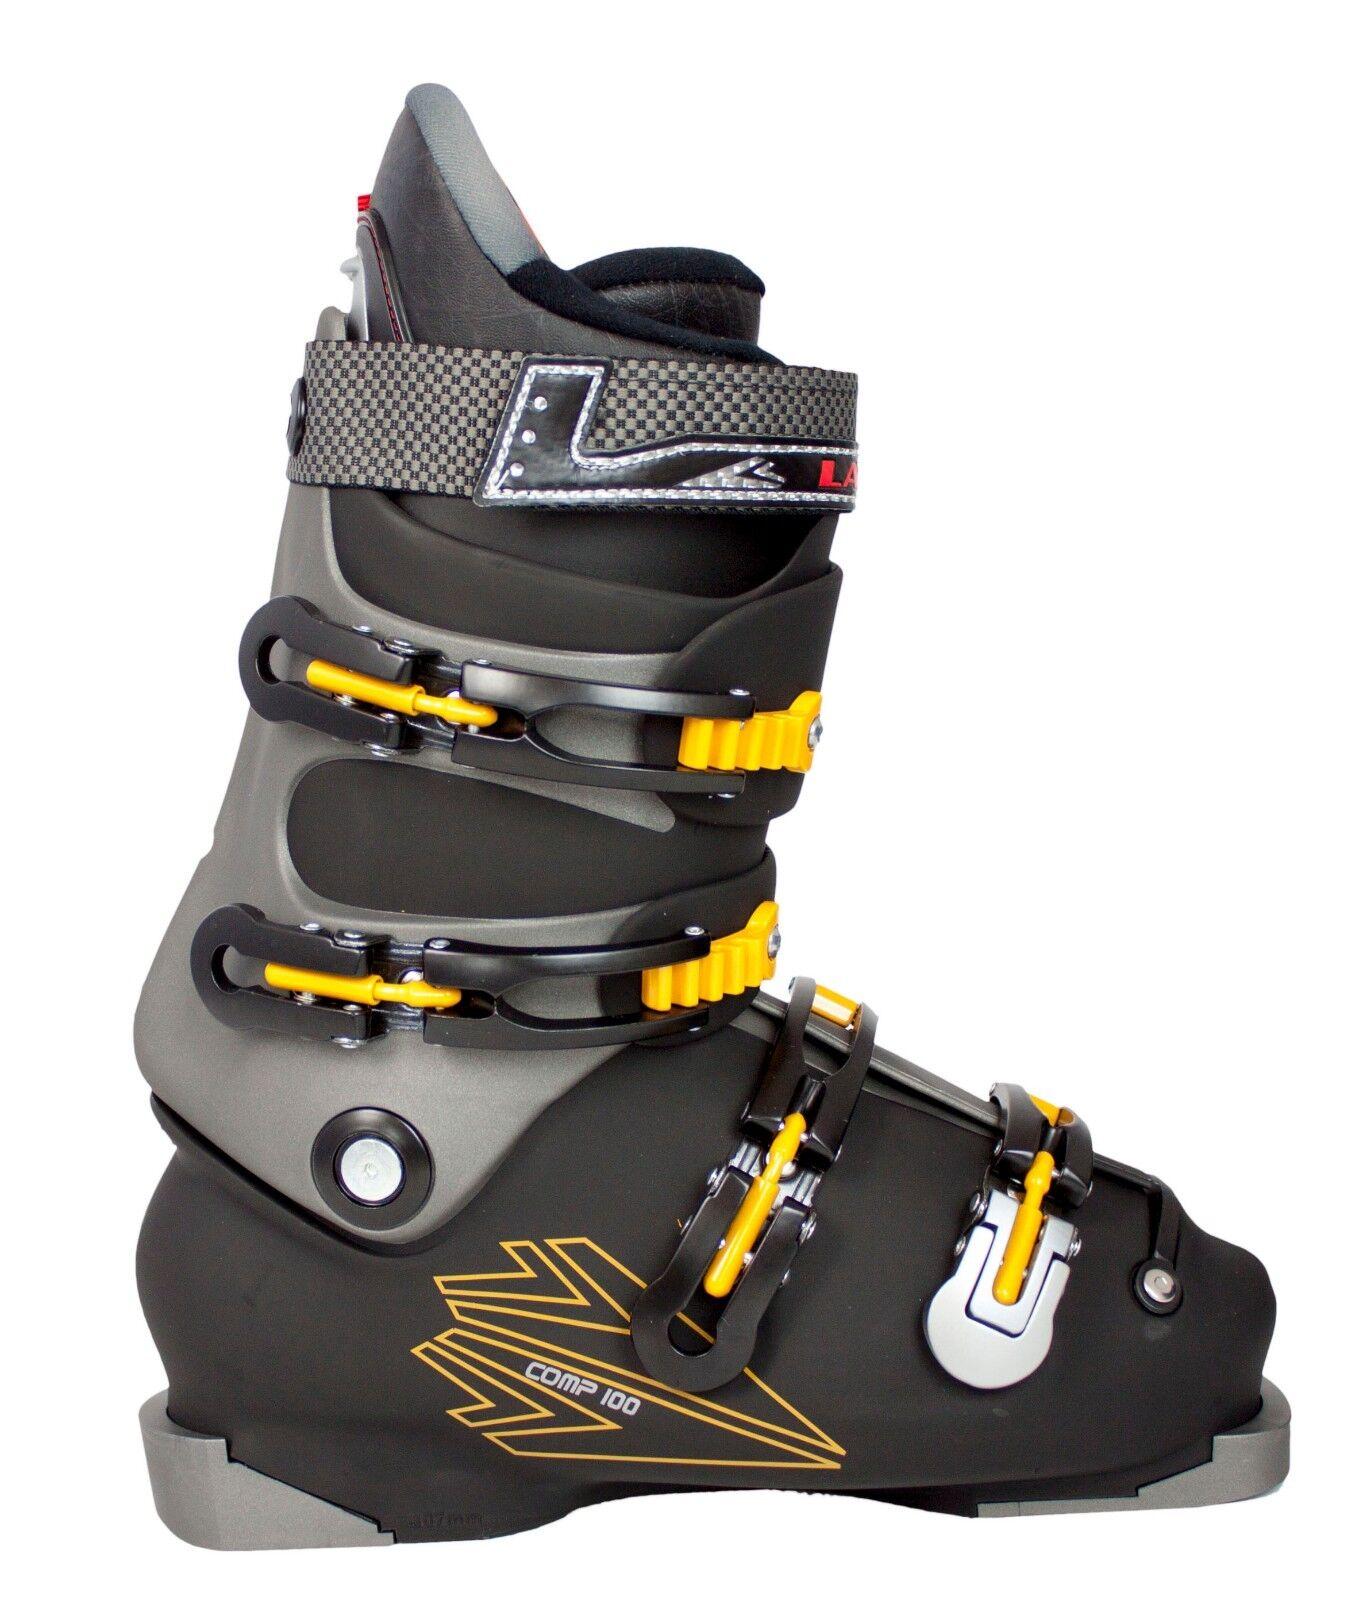 NEW High End  500 Mens Lange Comp 100 Ski Stiefel USA Größes 8.5, 9, 9.5, 10.5